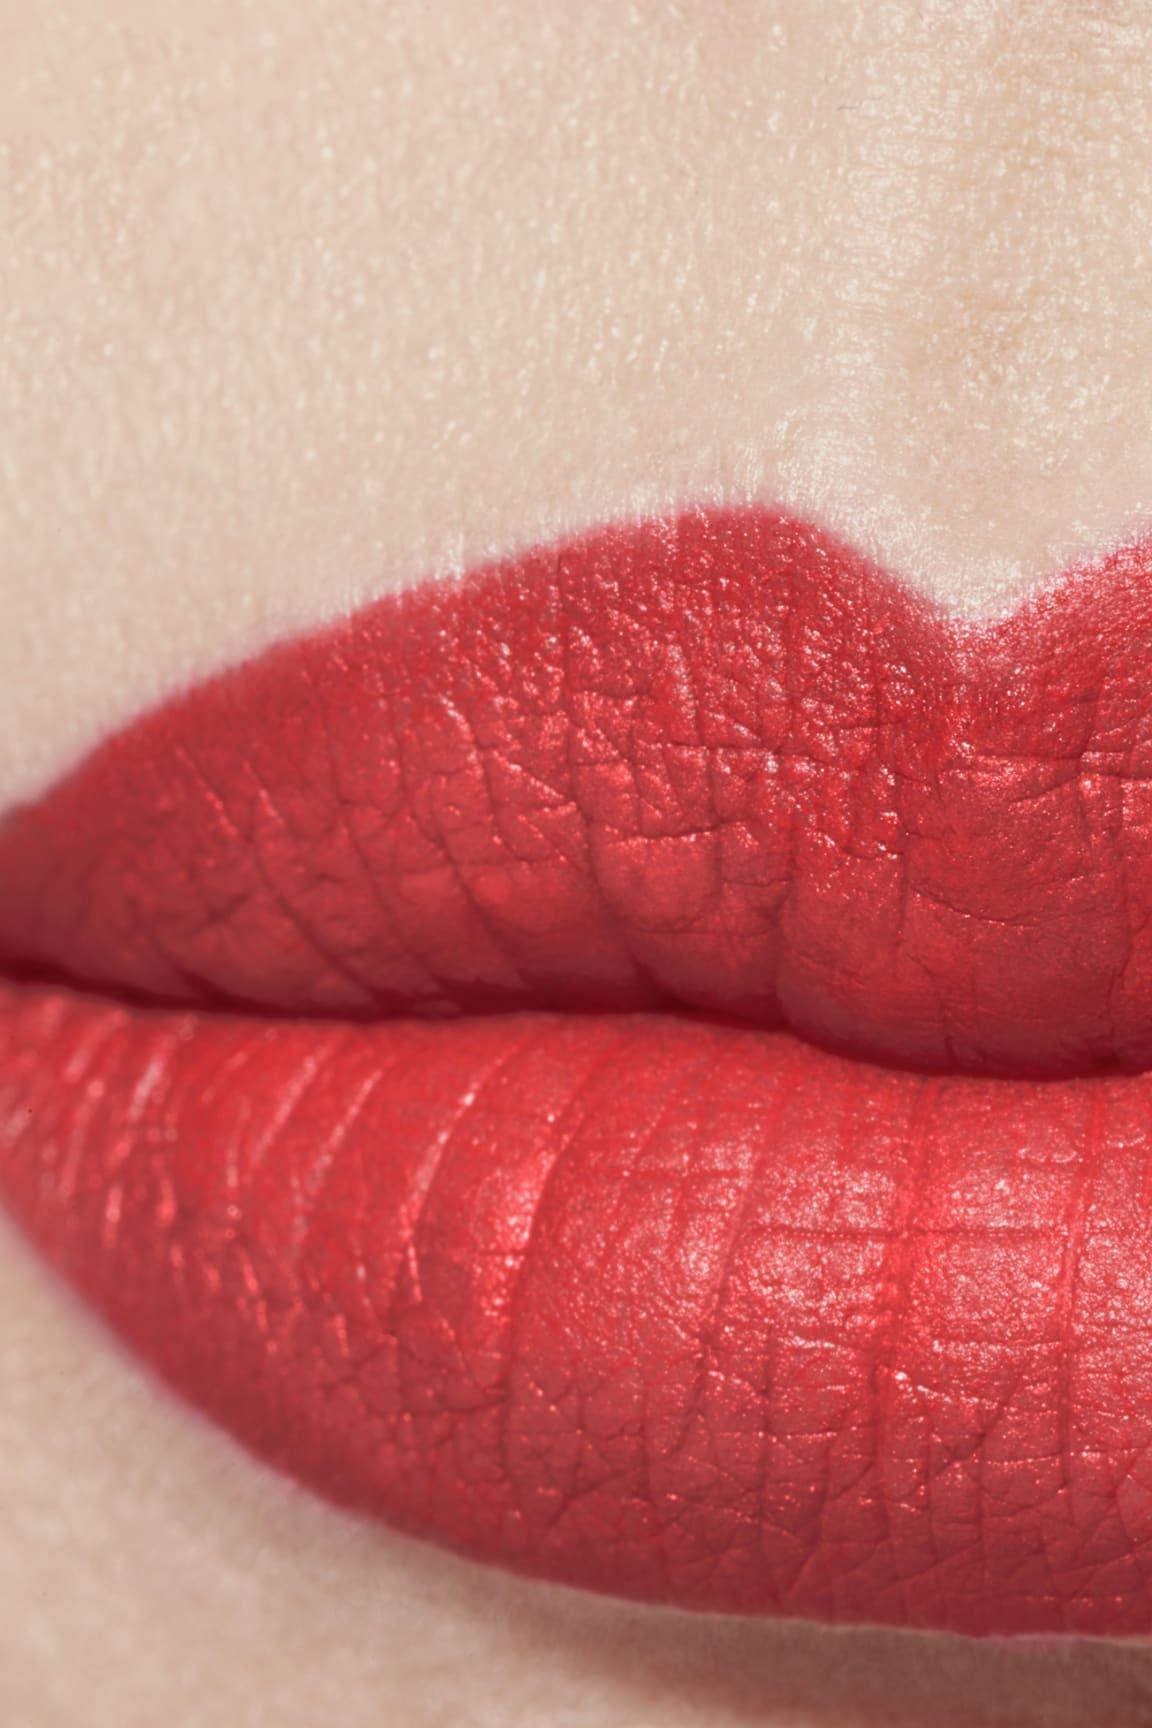 Application makeup visual 1 - ROUGE ALLURE VELVET LE LION DE CHANEL 57 - ROUGE FEU